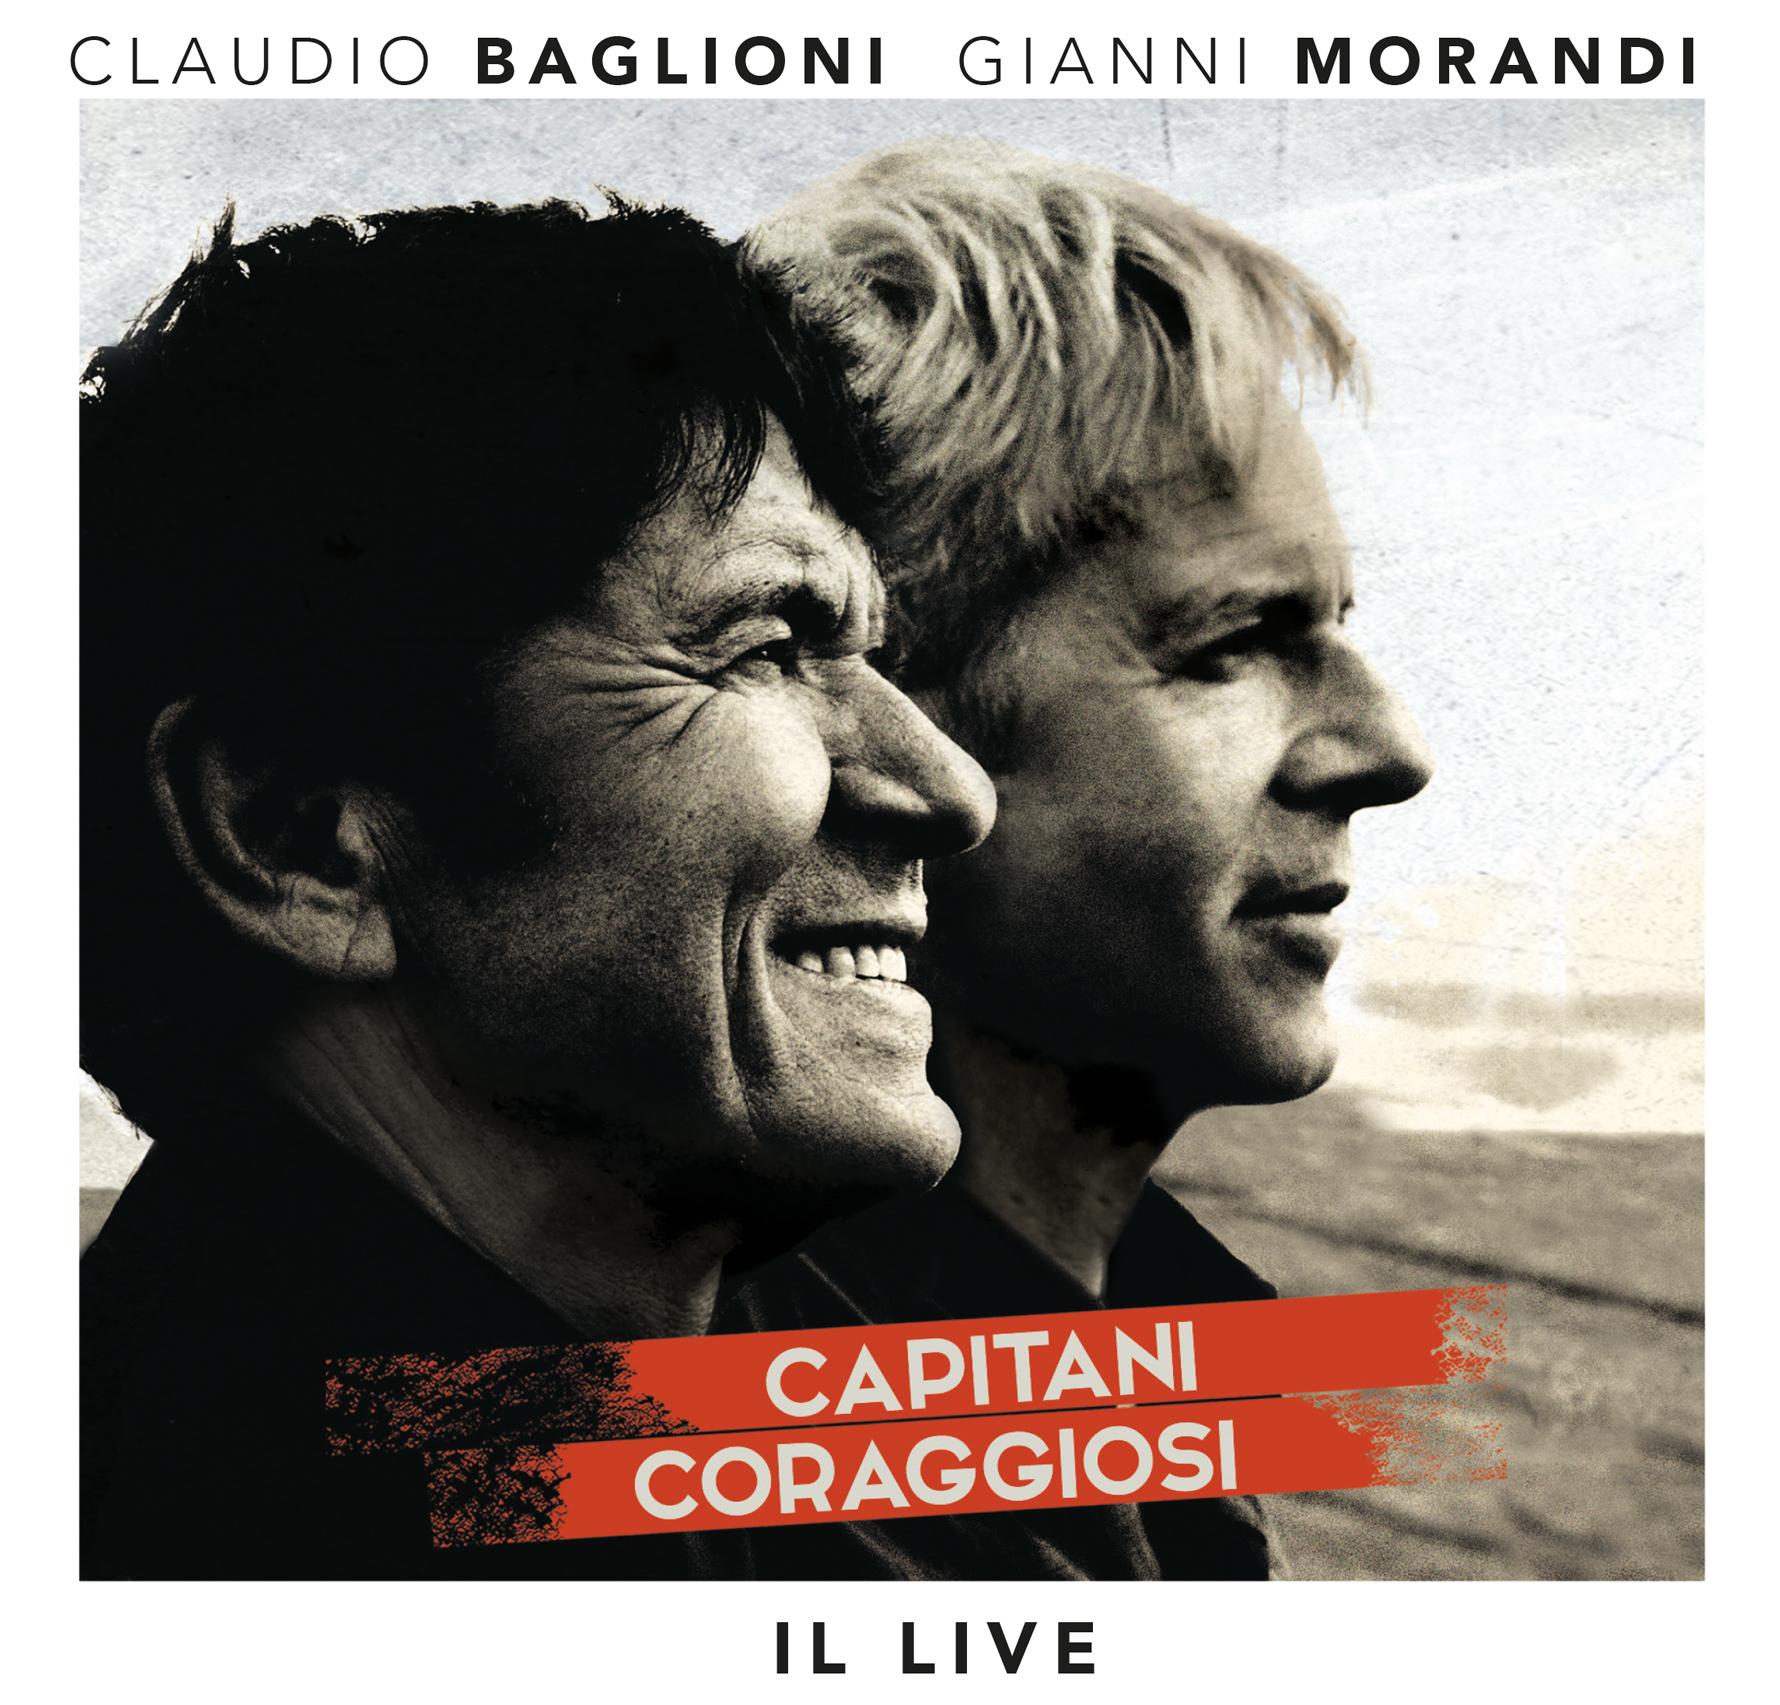 COVER CD _CAPITANI CORAGGIOSI - IL LIVE_